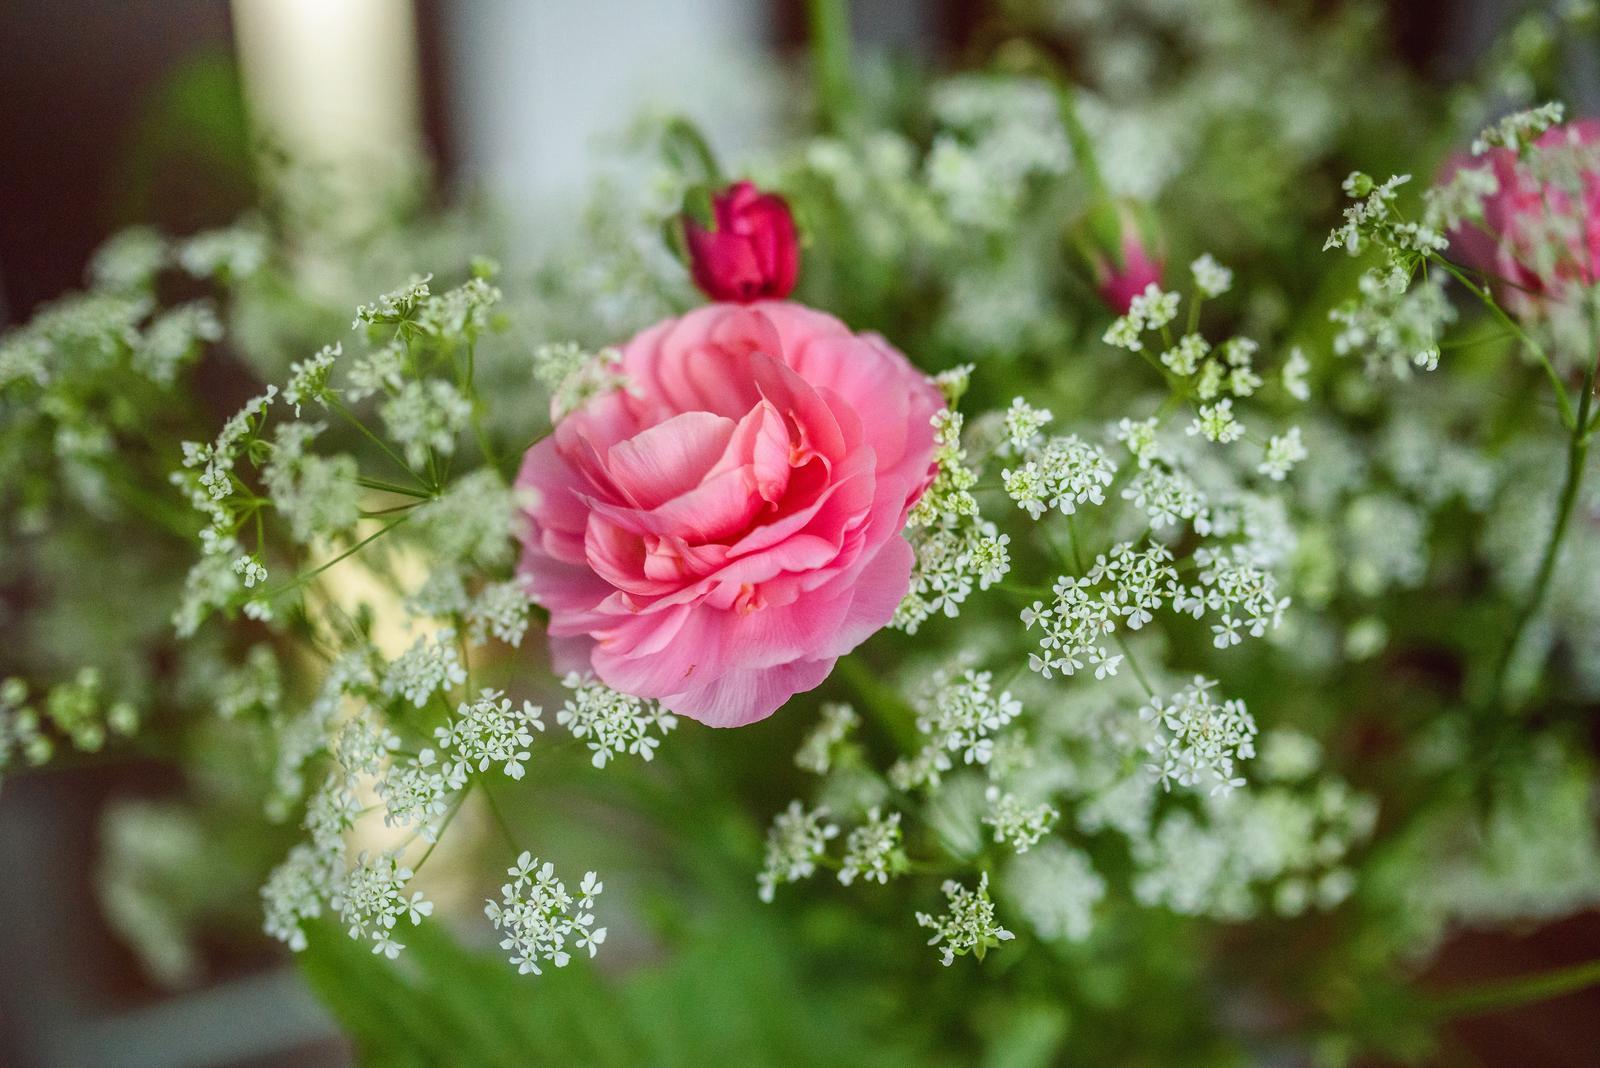 Moje kvetinové aranžmány - Divá mrkva (Queen Anna's Lace) - u nás na Slovensku nedocenená a považovaná za burinu, pretože vo voľnej prírode rastie v hojnom počte. V kombináciách s kvetmi krásne vynikne. Ja by som ju svojim zjavom prirovnala ku gypsomilke